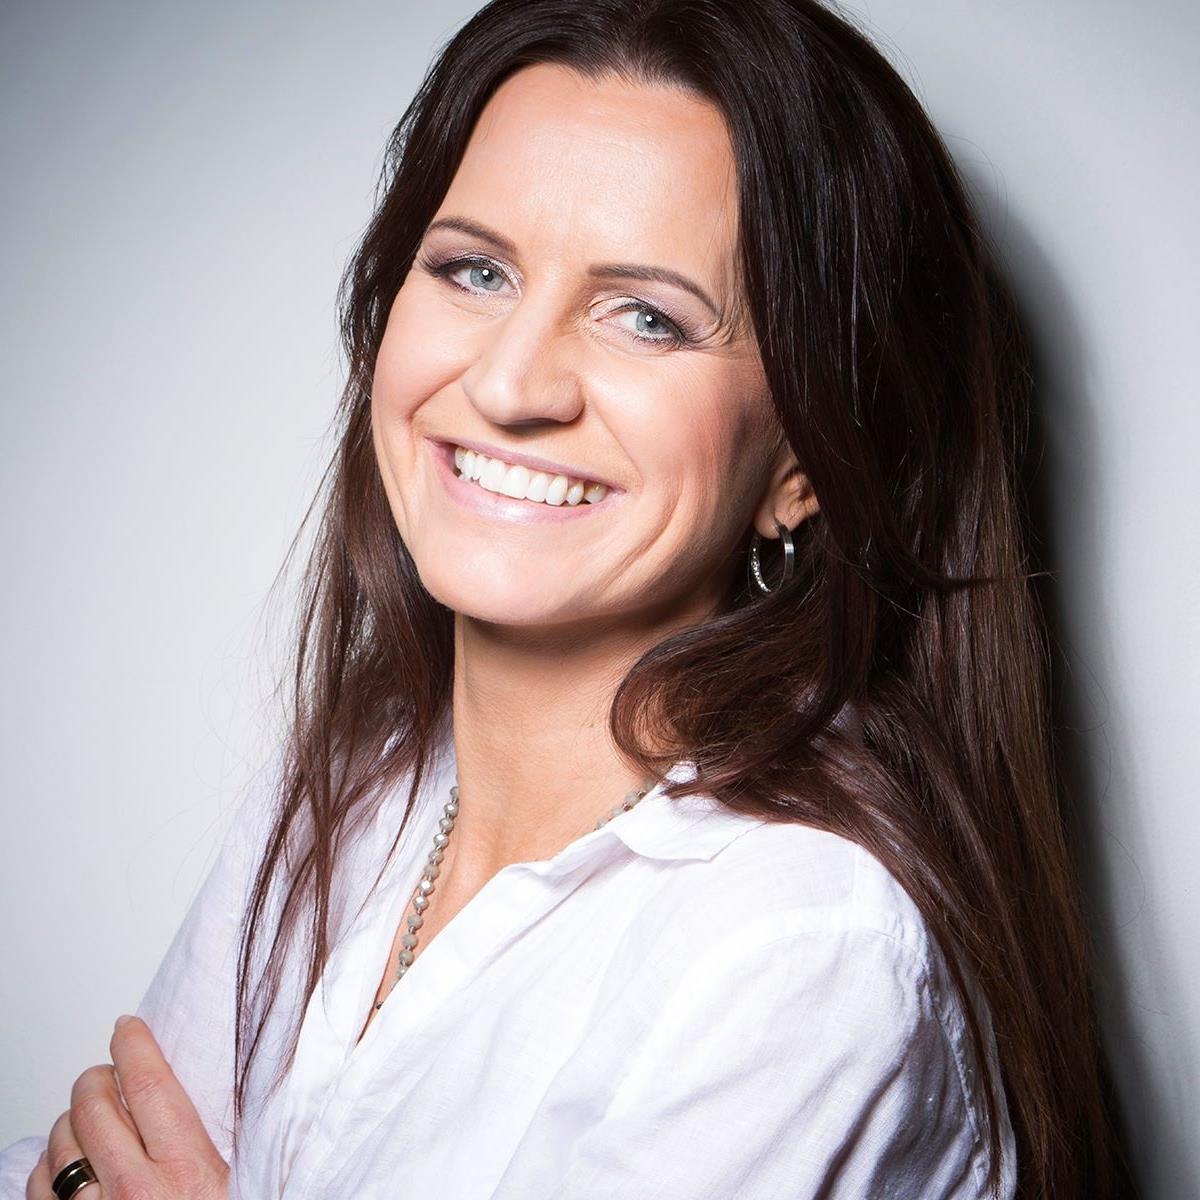 Leena Nygren